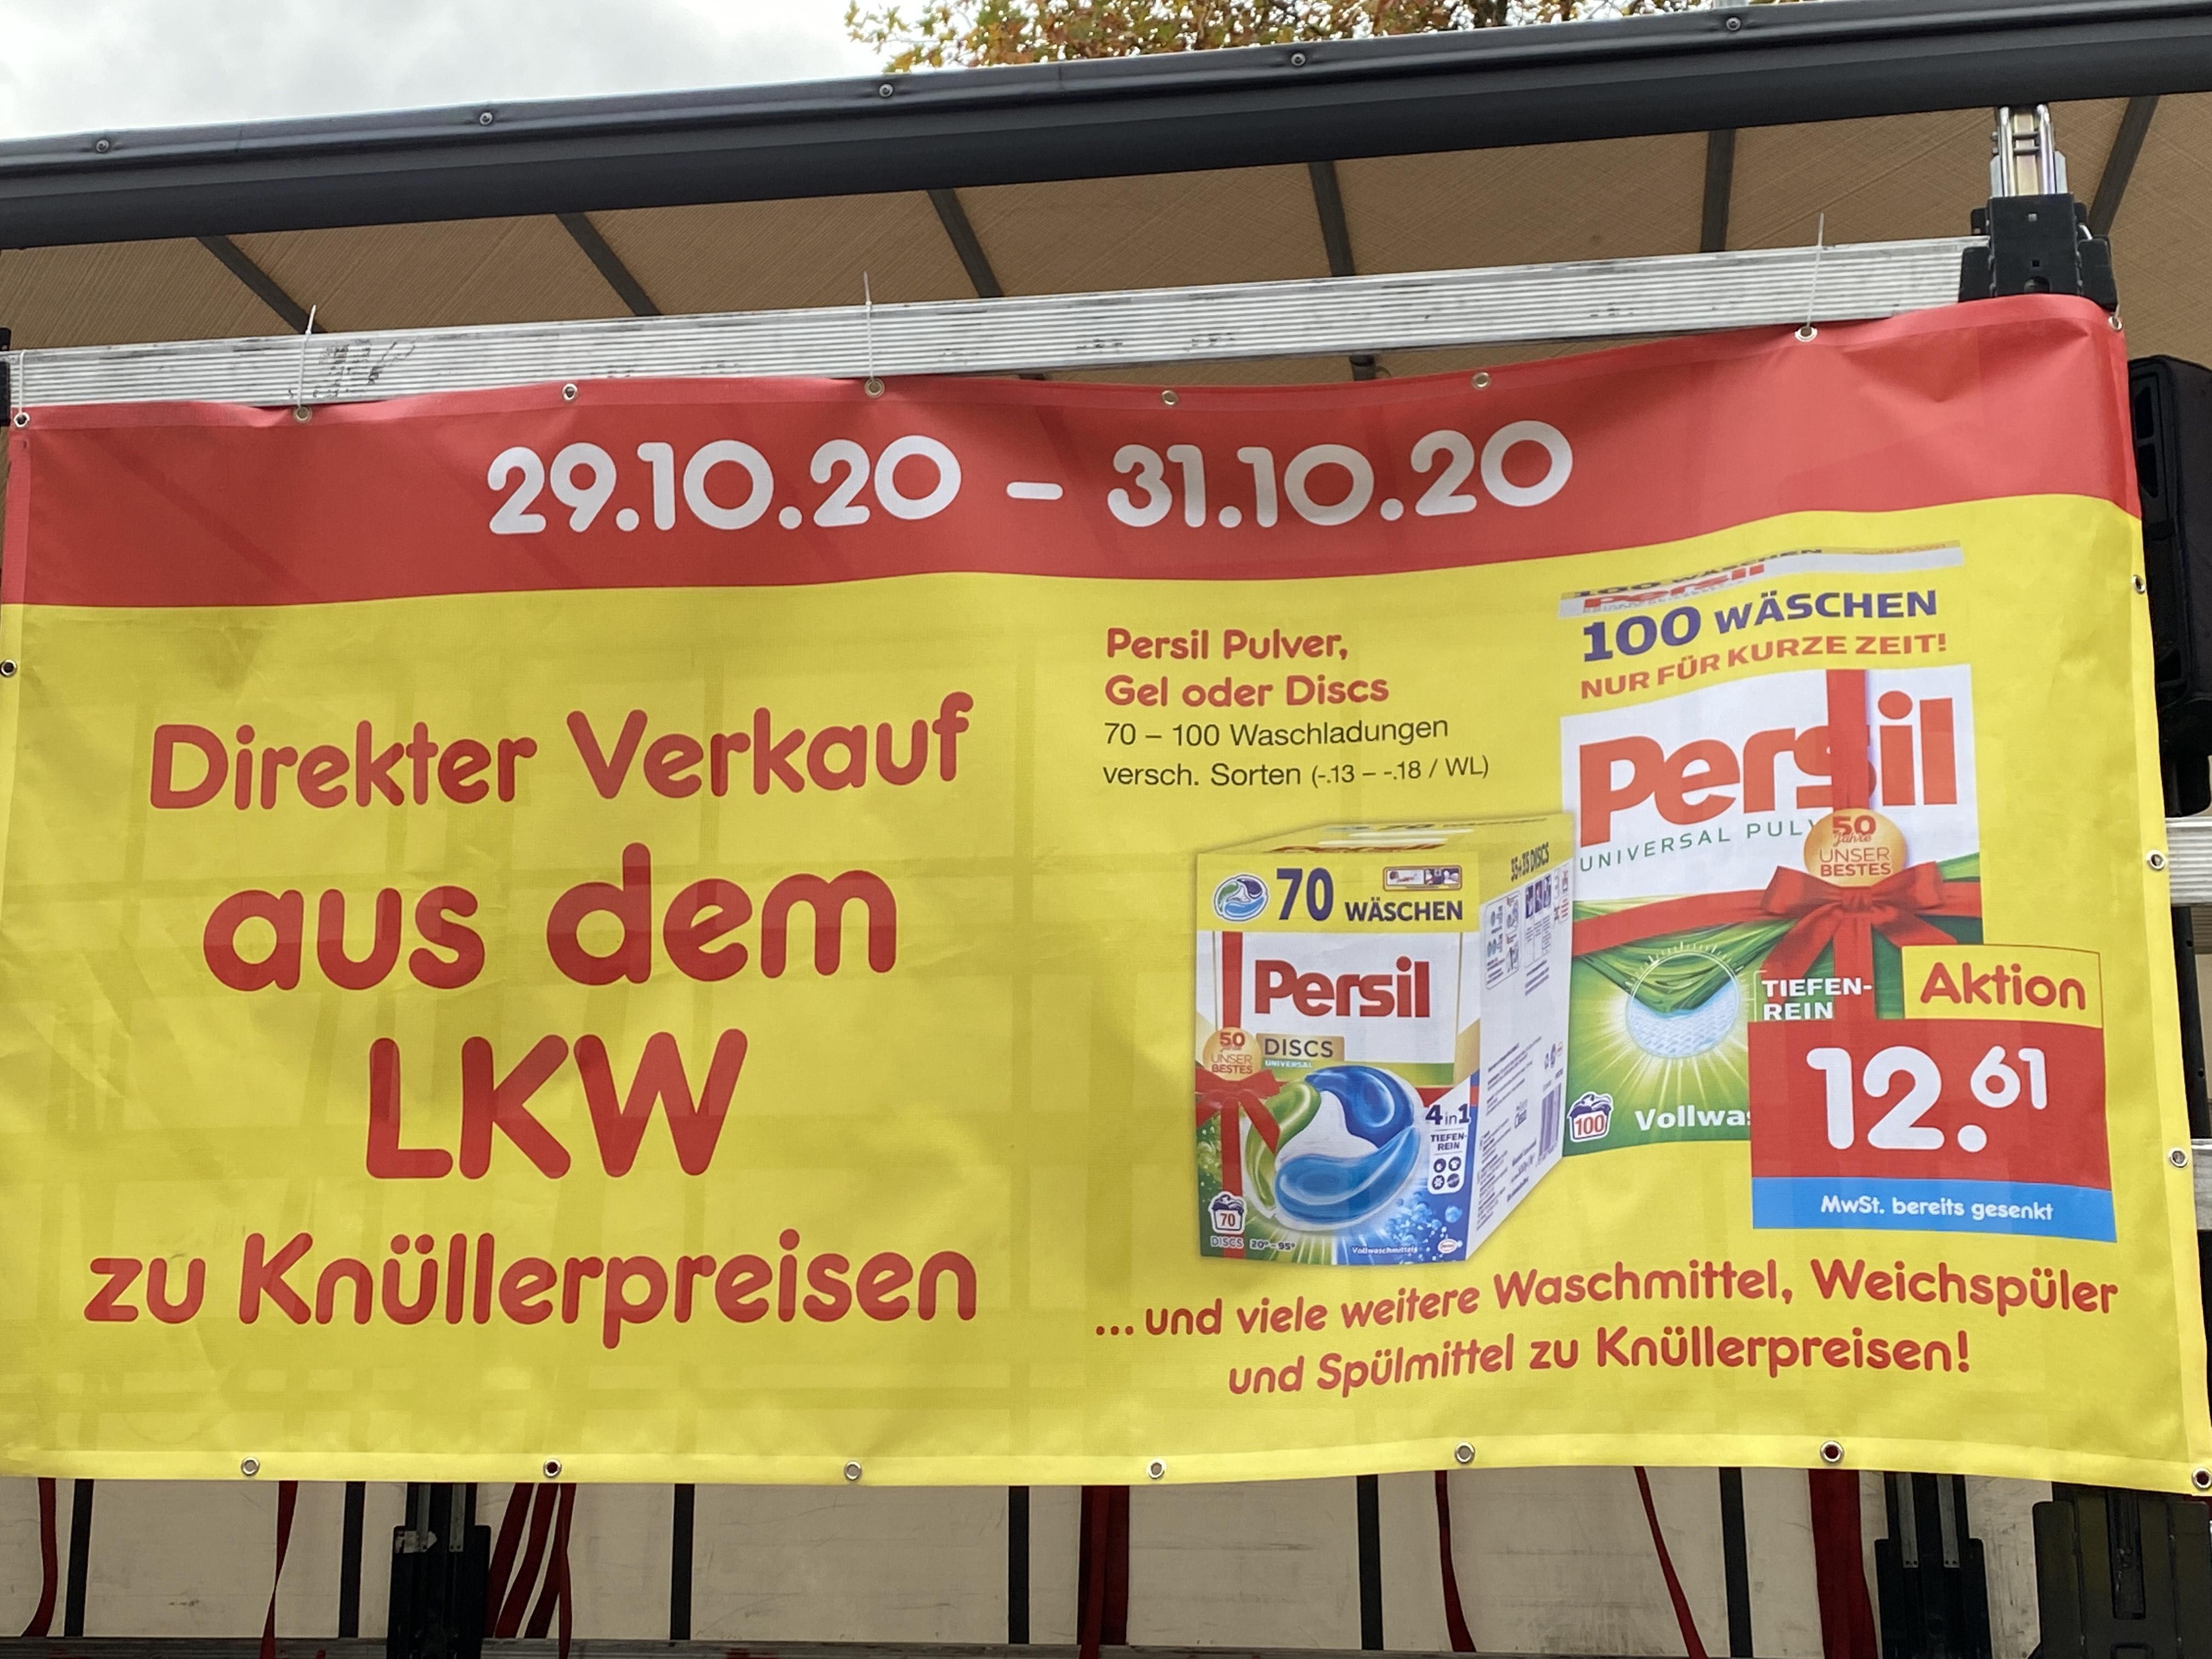 [LOKAL Iserlohn] PERSIL 100 WÄSCHE 12,61€